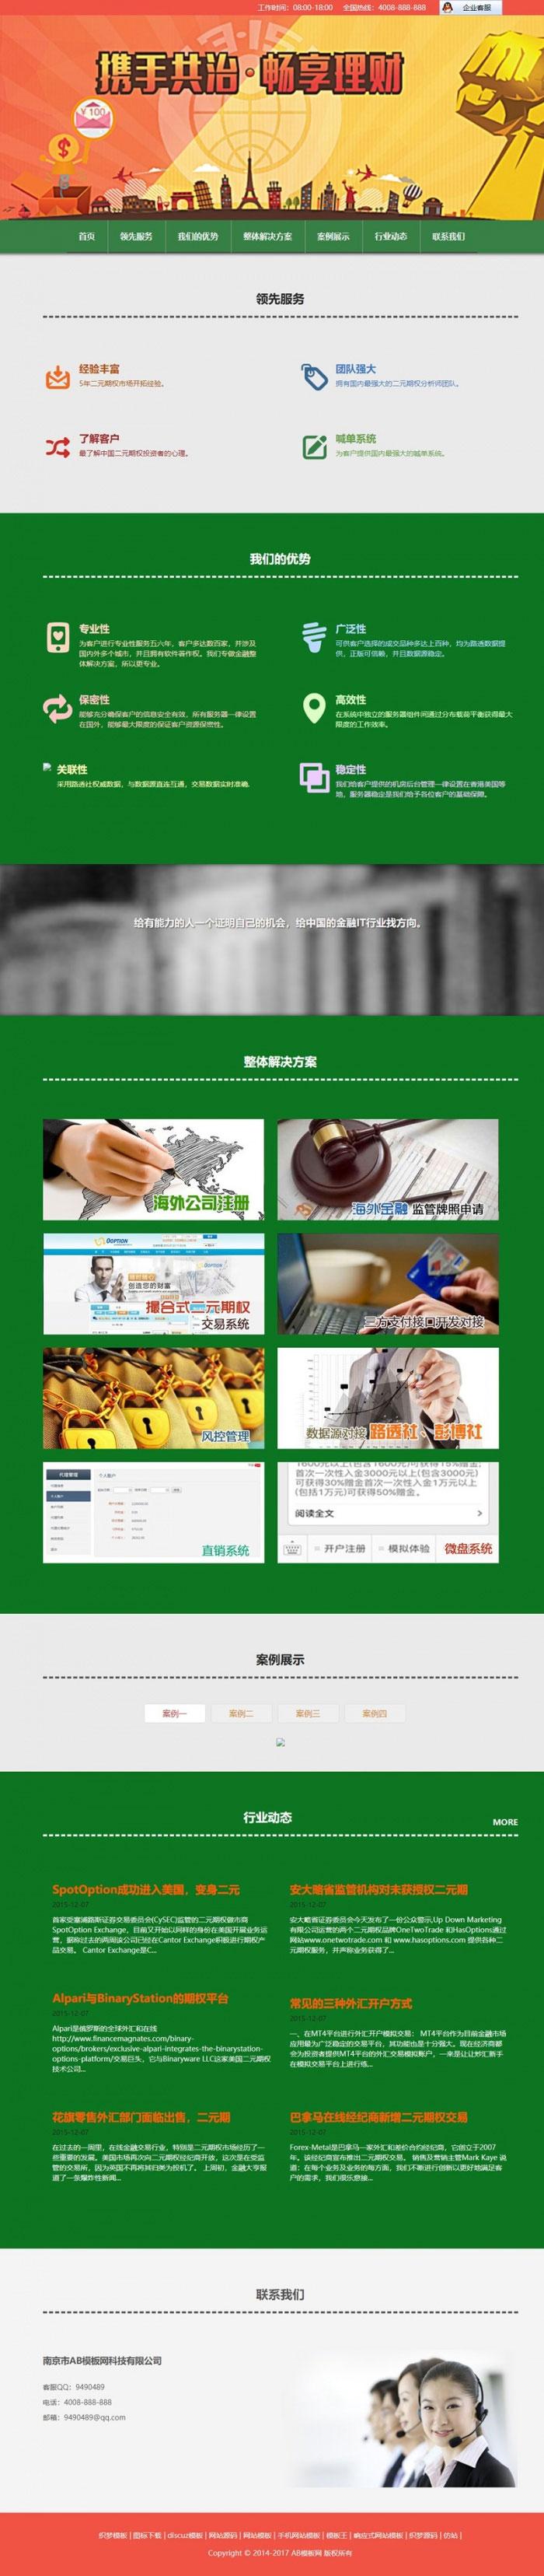 爱上源码网文章织梦dedecms金融投资理财企业网站模板(带手机移动端)的内容插图